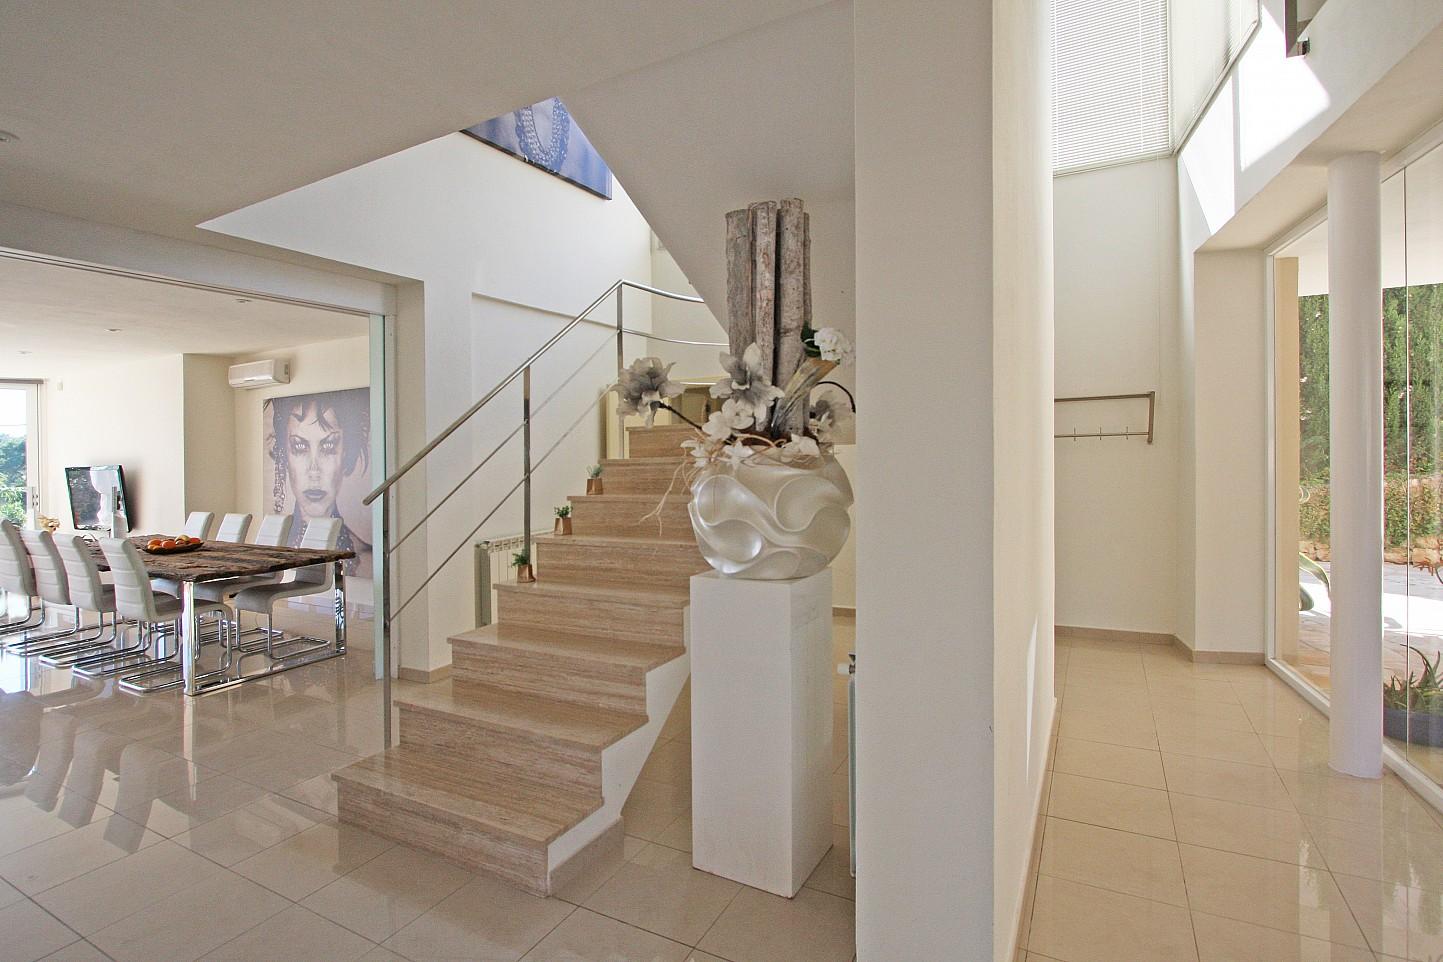 Escaleras de acceso al segundo nivel